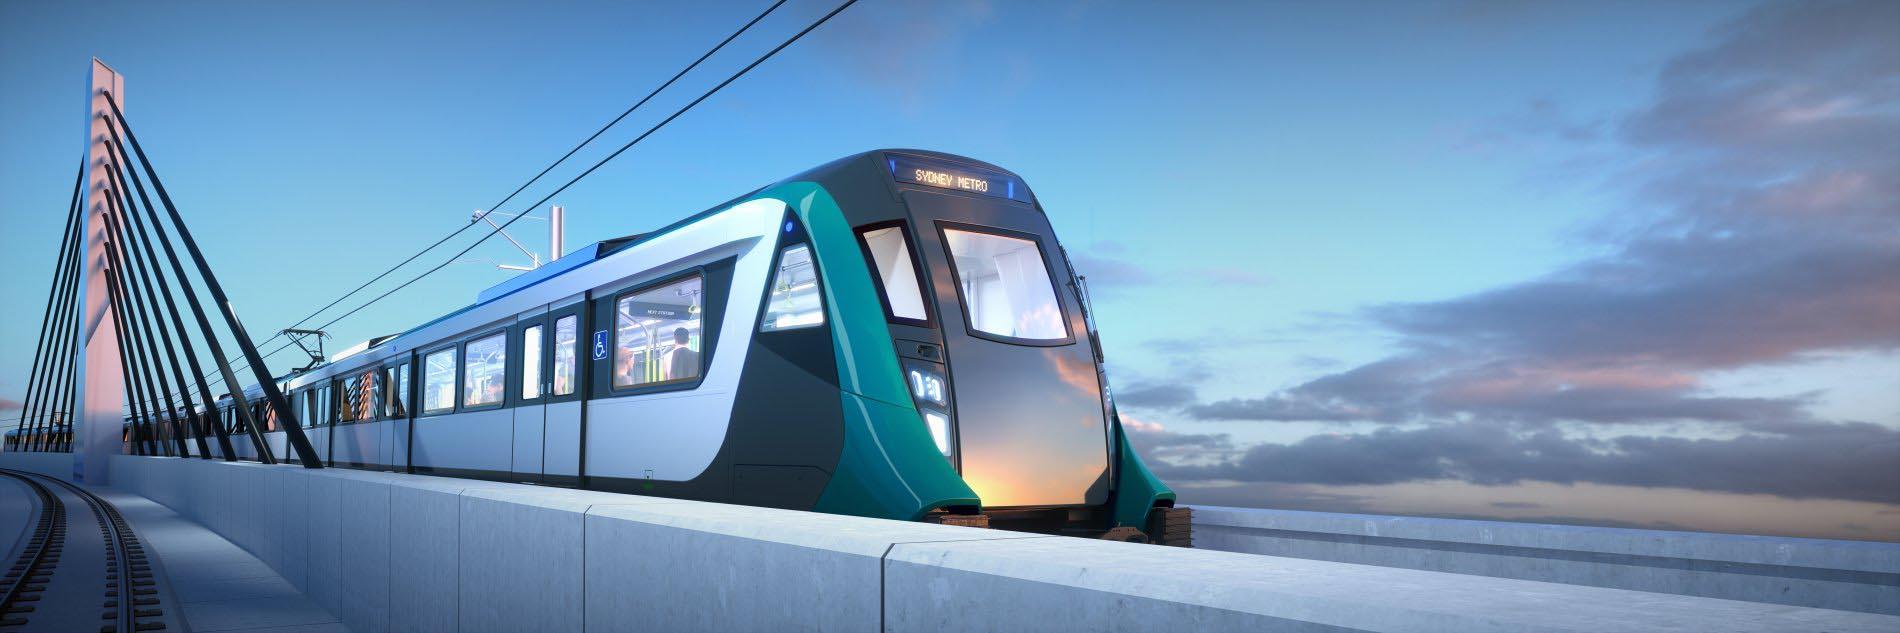 TrainonBridgeHeroSunsetTealSydneyMetro6k.jpg